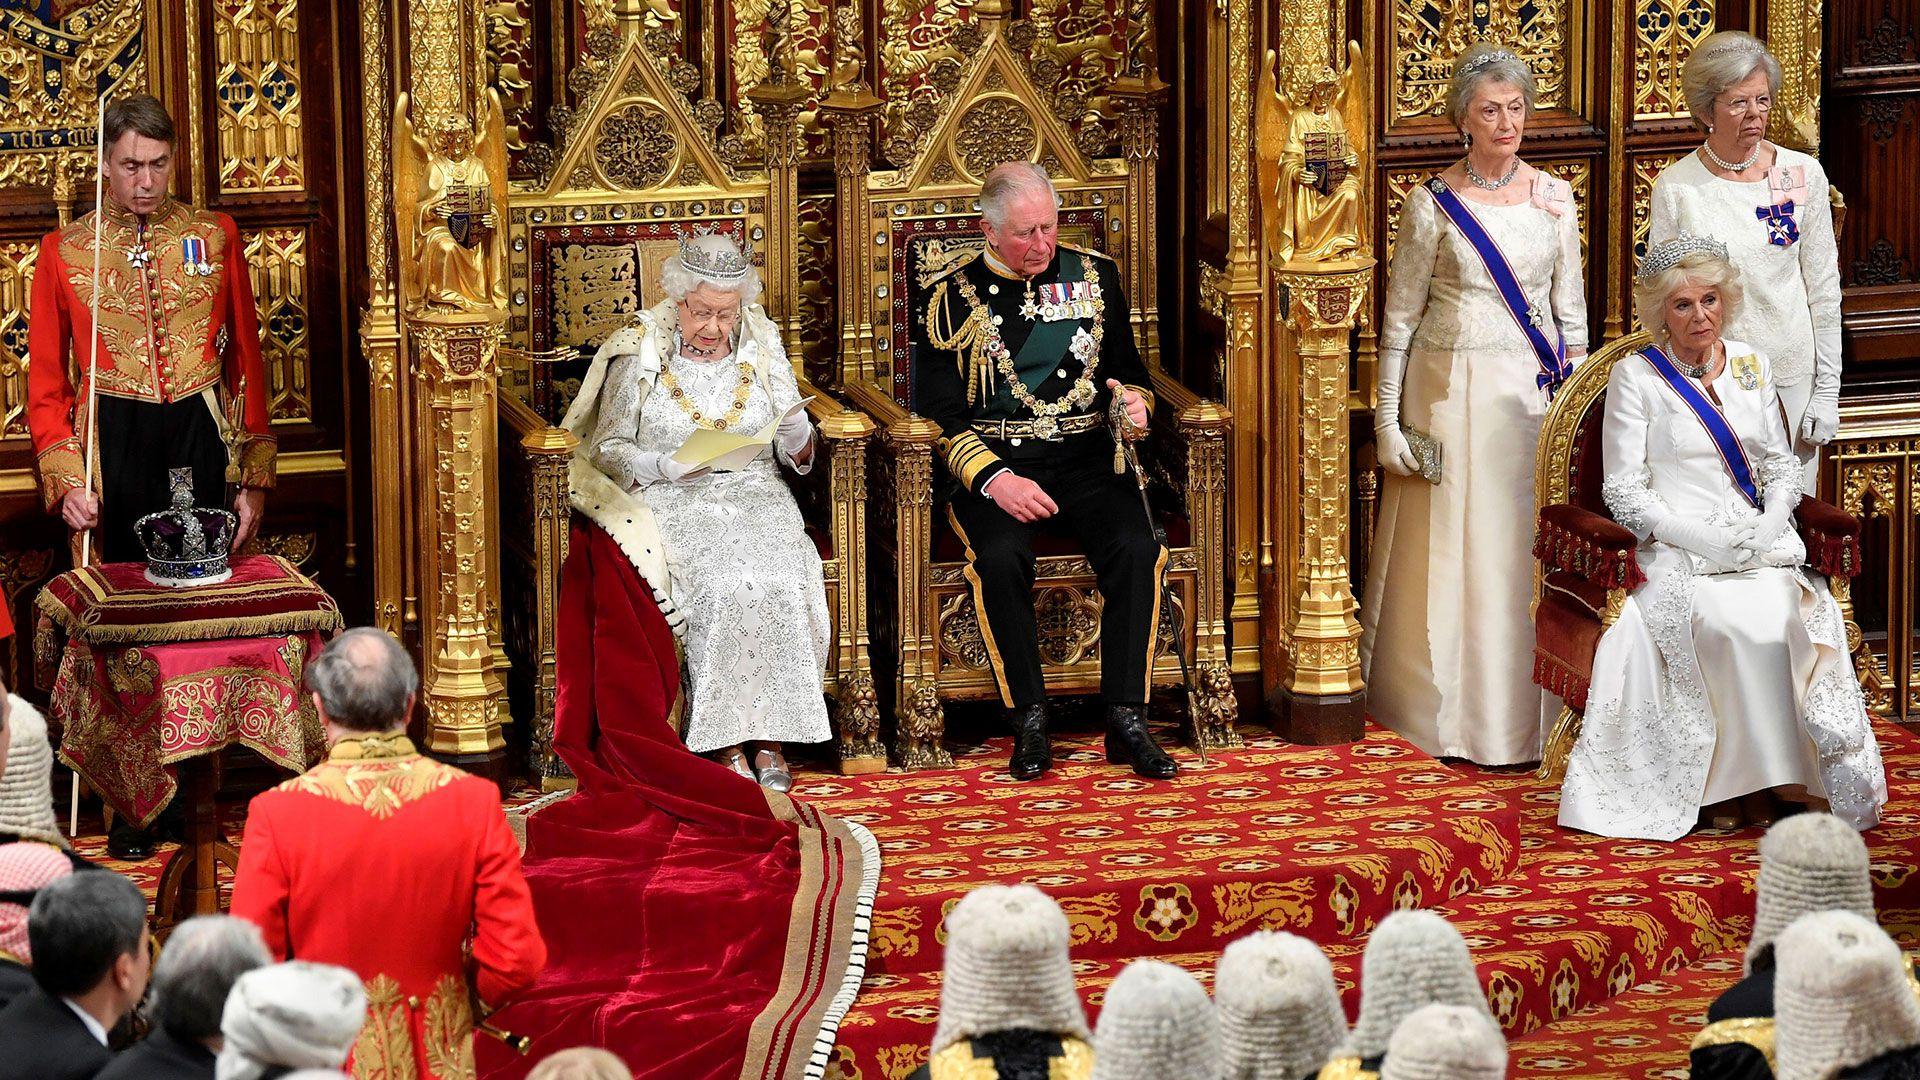 El rey Felipe y la Reina Isabell II en su trono (Foto: AP)